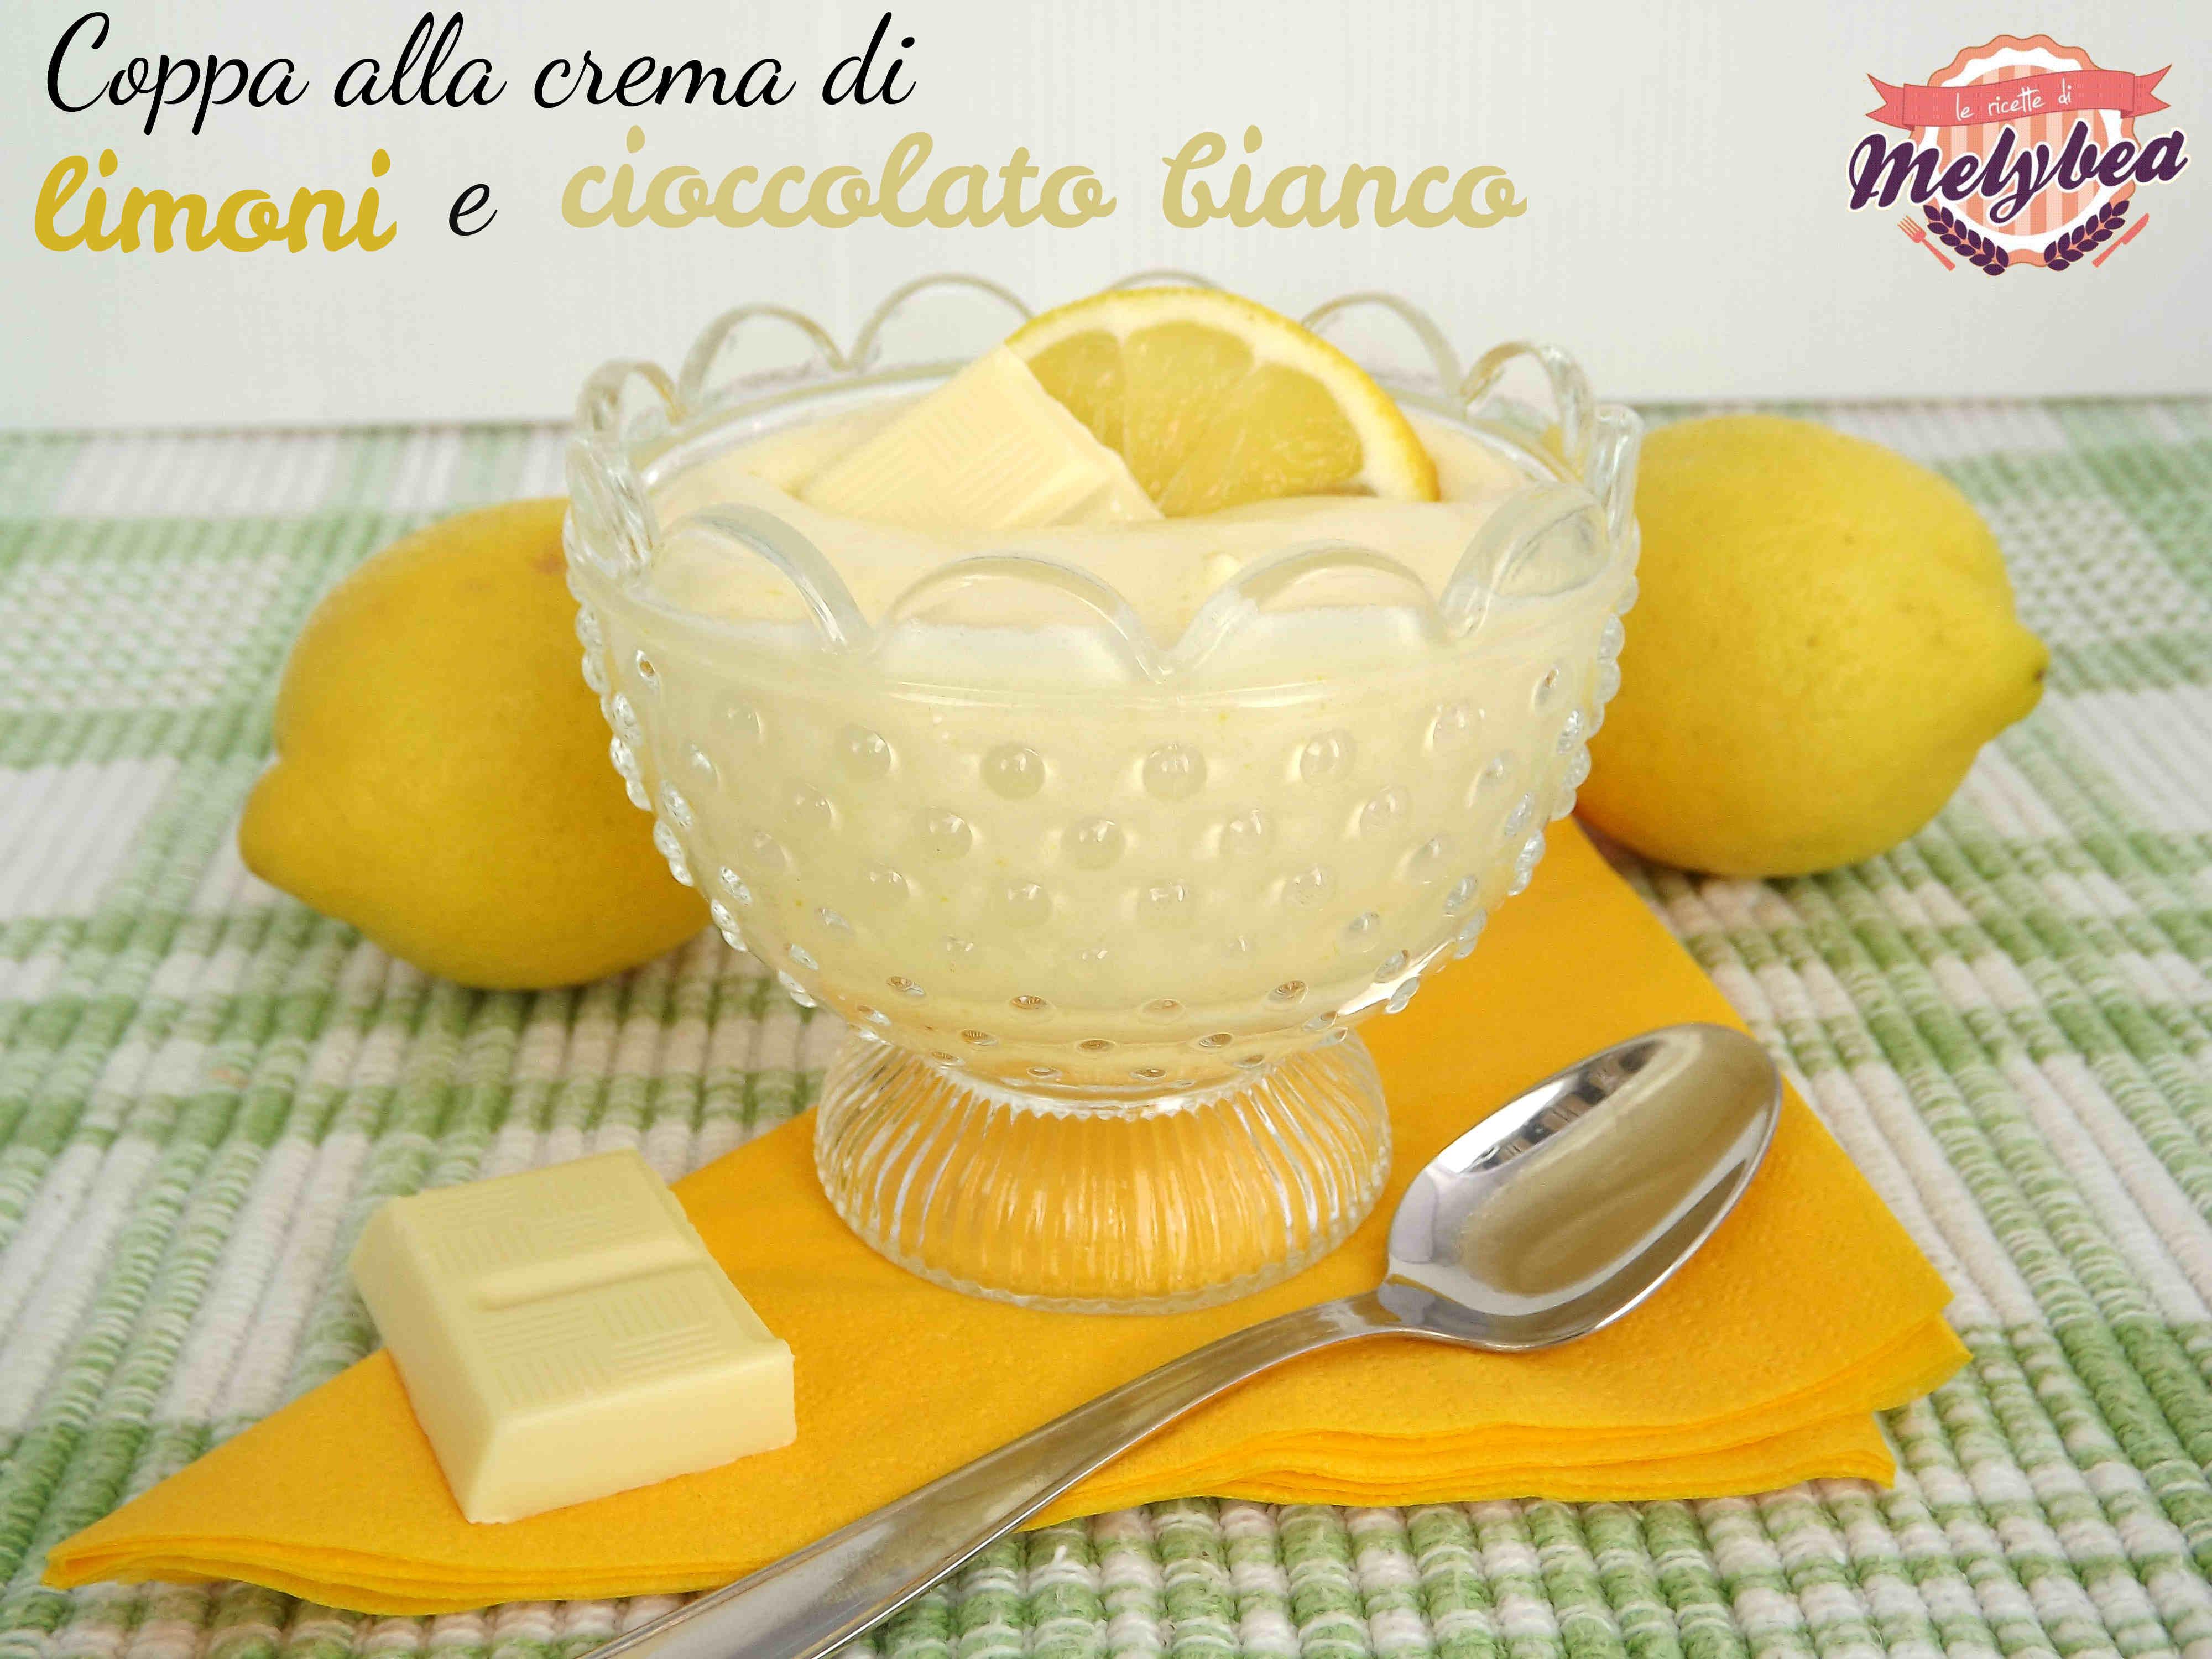 coppa alla crema di limoni e cioccolato bianco